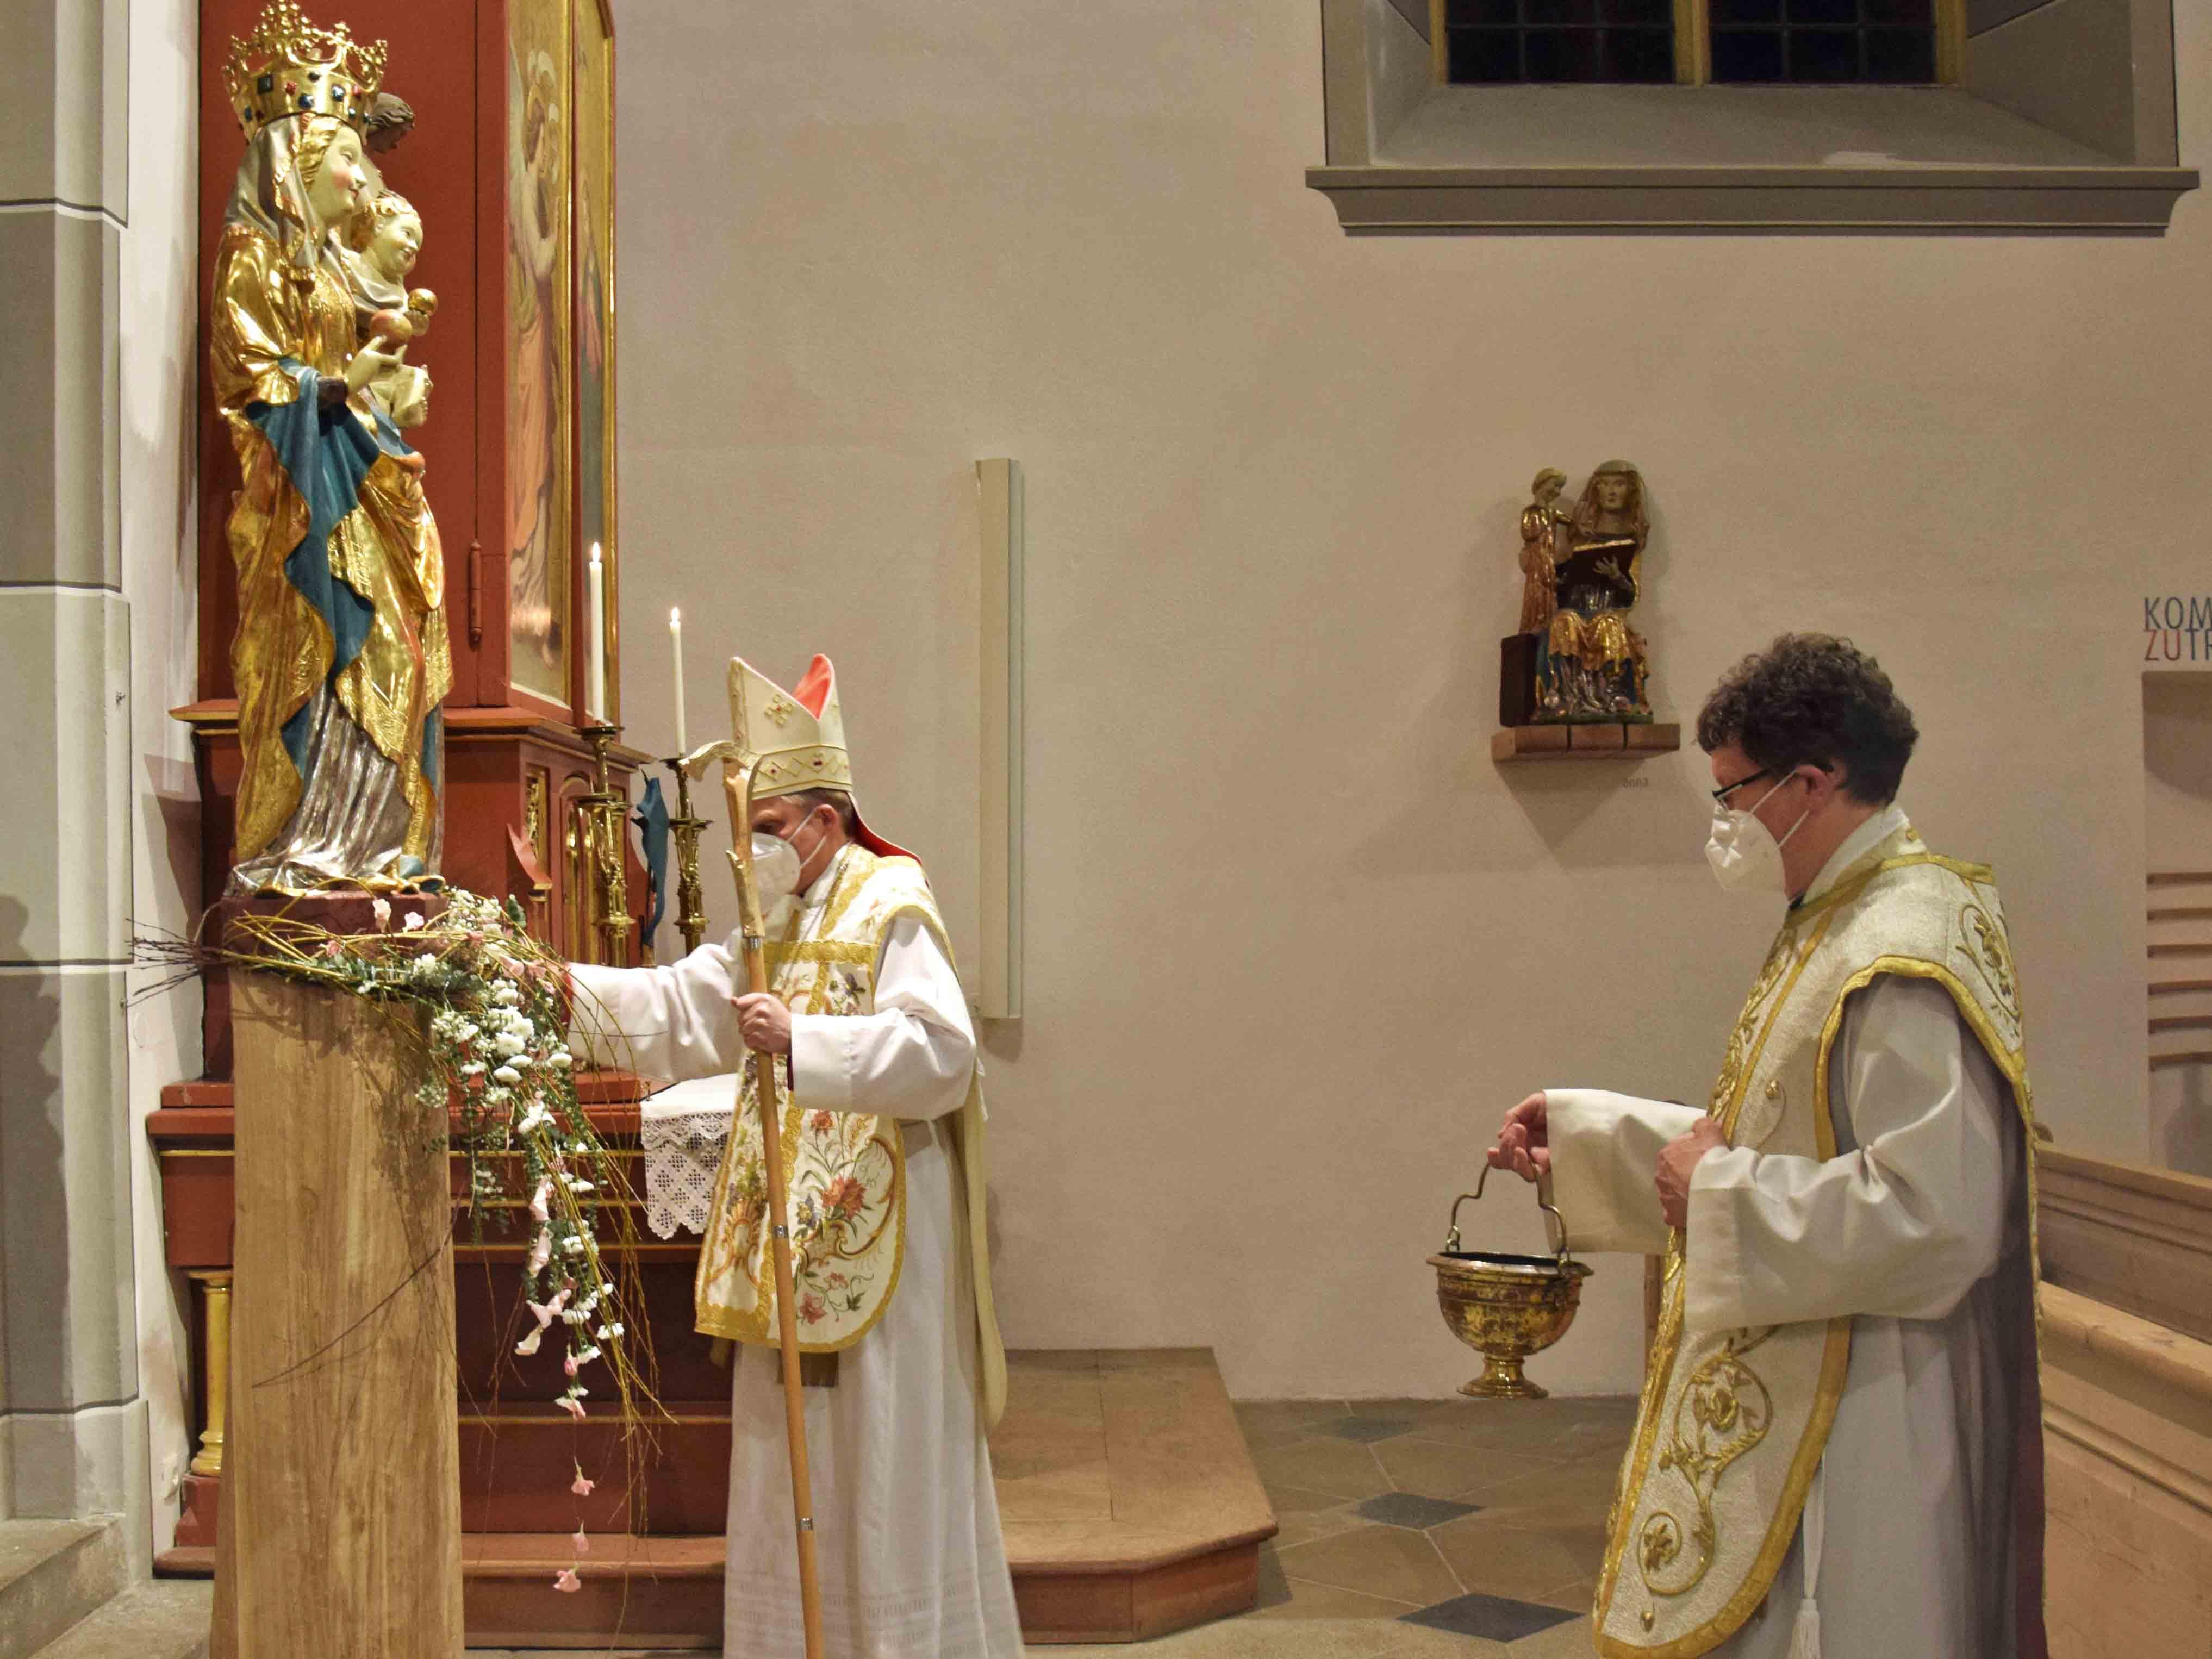 Weihbischof Florian Wörner segnete während des Pontifikalamtes im Beisein von Pfarrer Maurus Bernhard Mayer die Marienstatue. (Fotos: Verspohl-Nitsche)